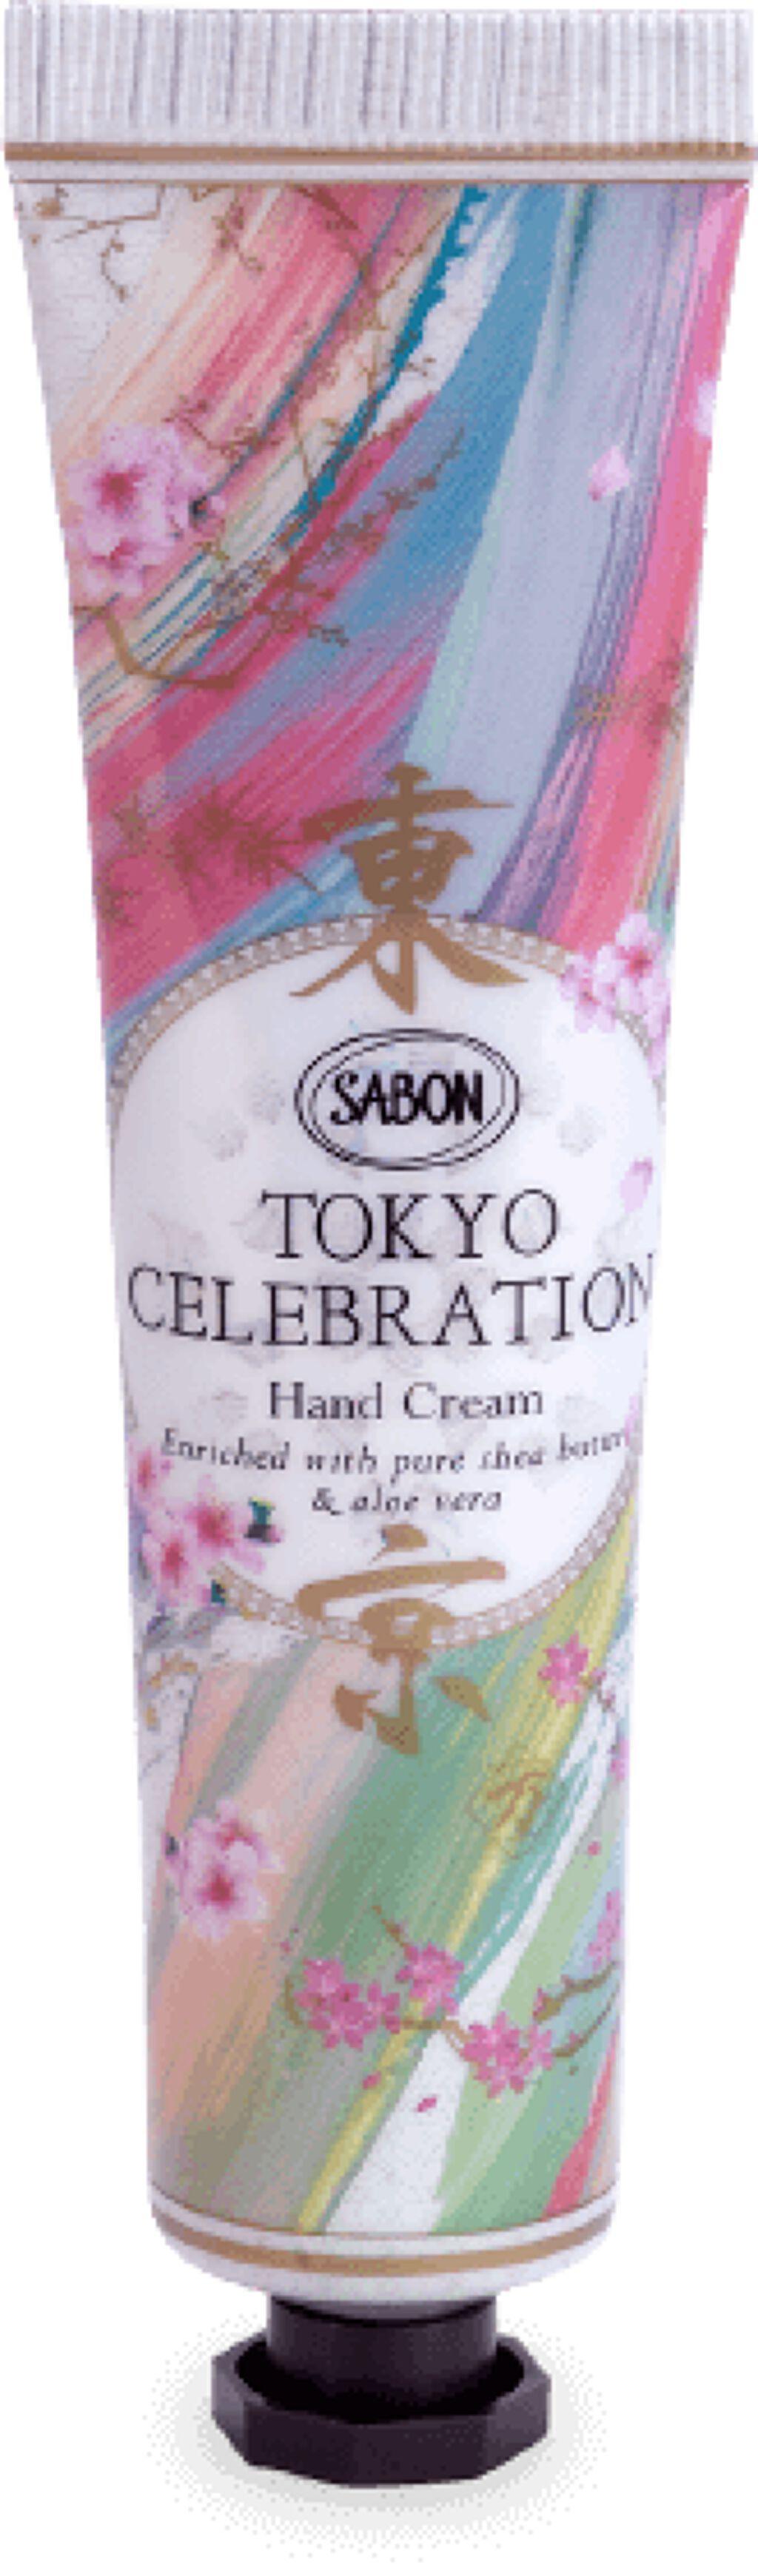 ハンドクリーム TOKYO CELEBRATION SABON